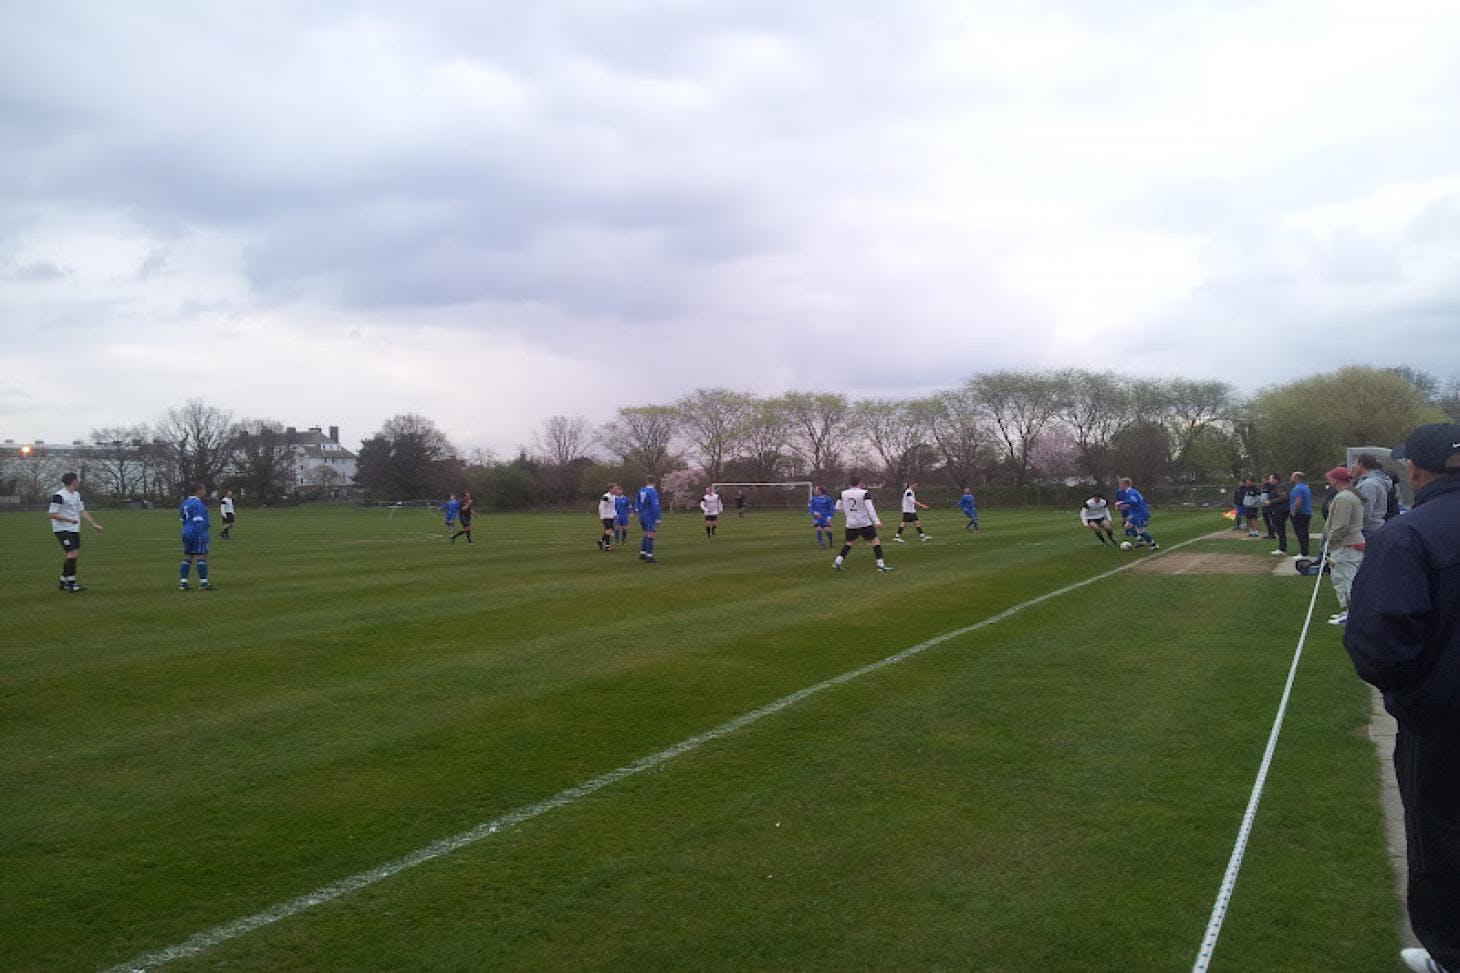 London Marathon Playing Fields - Redbridge 5 a side   Grass football pitch